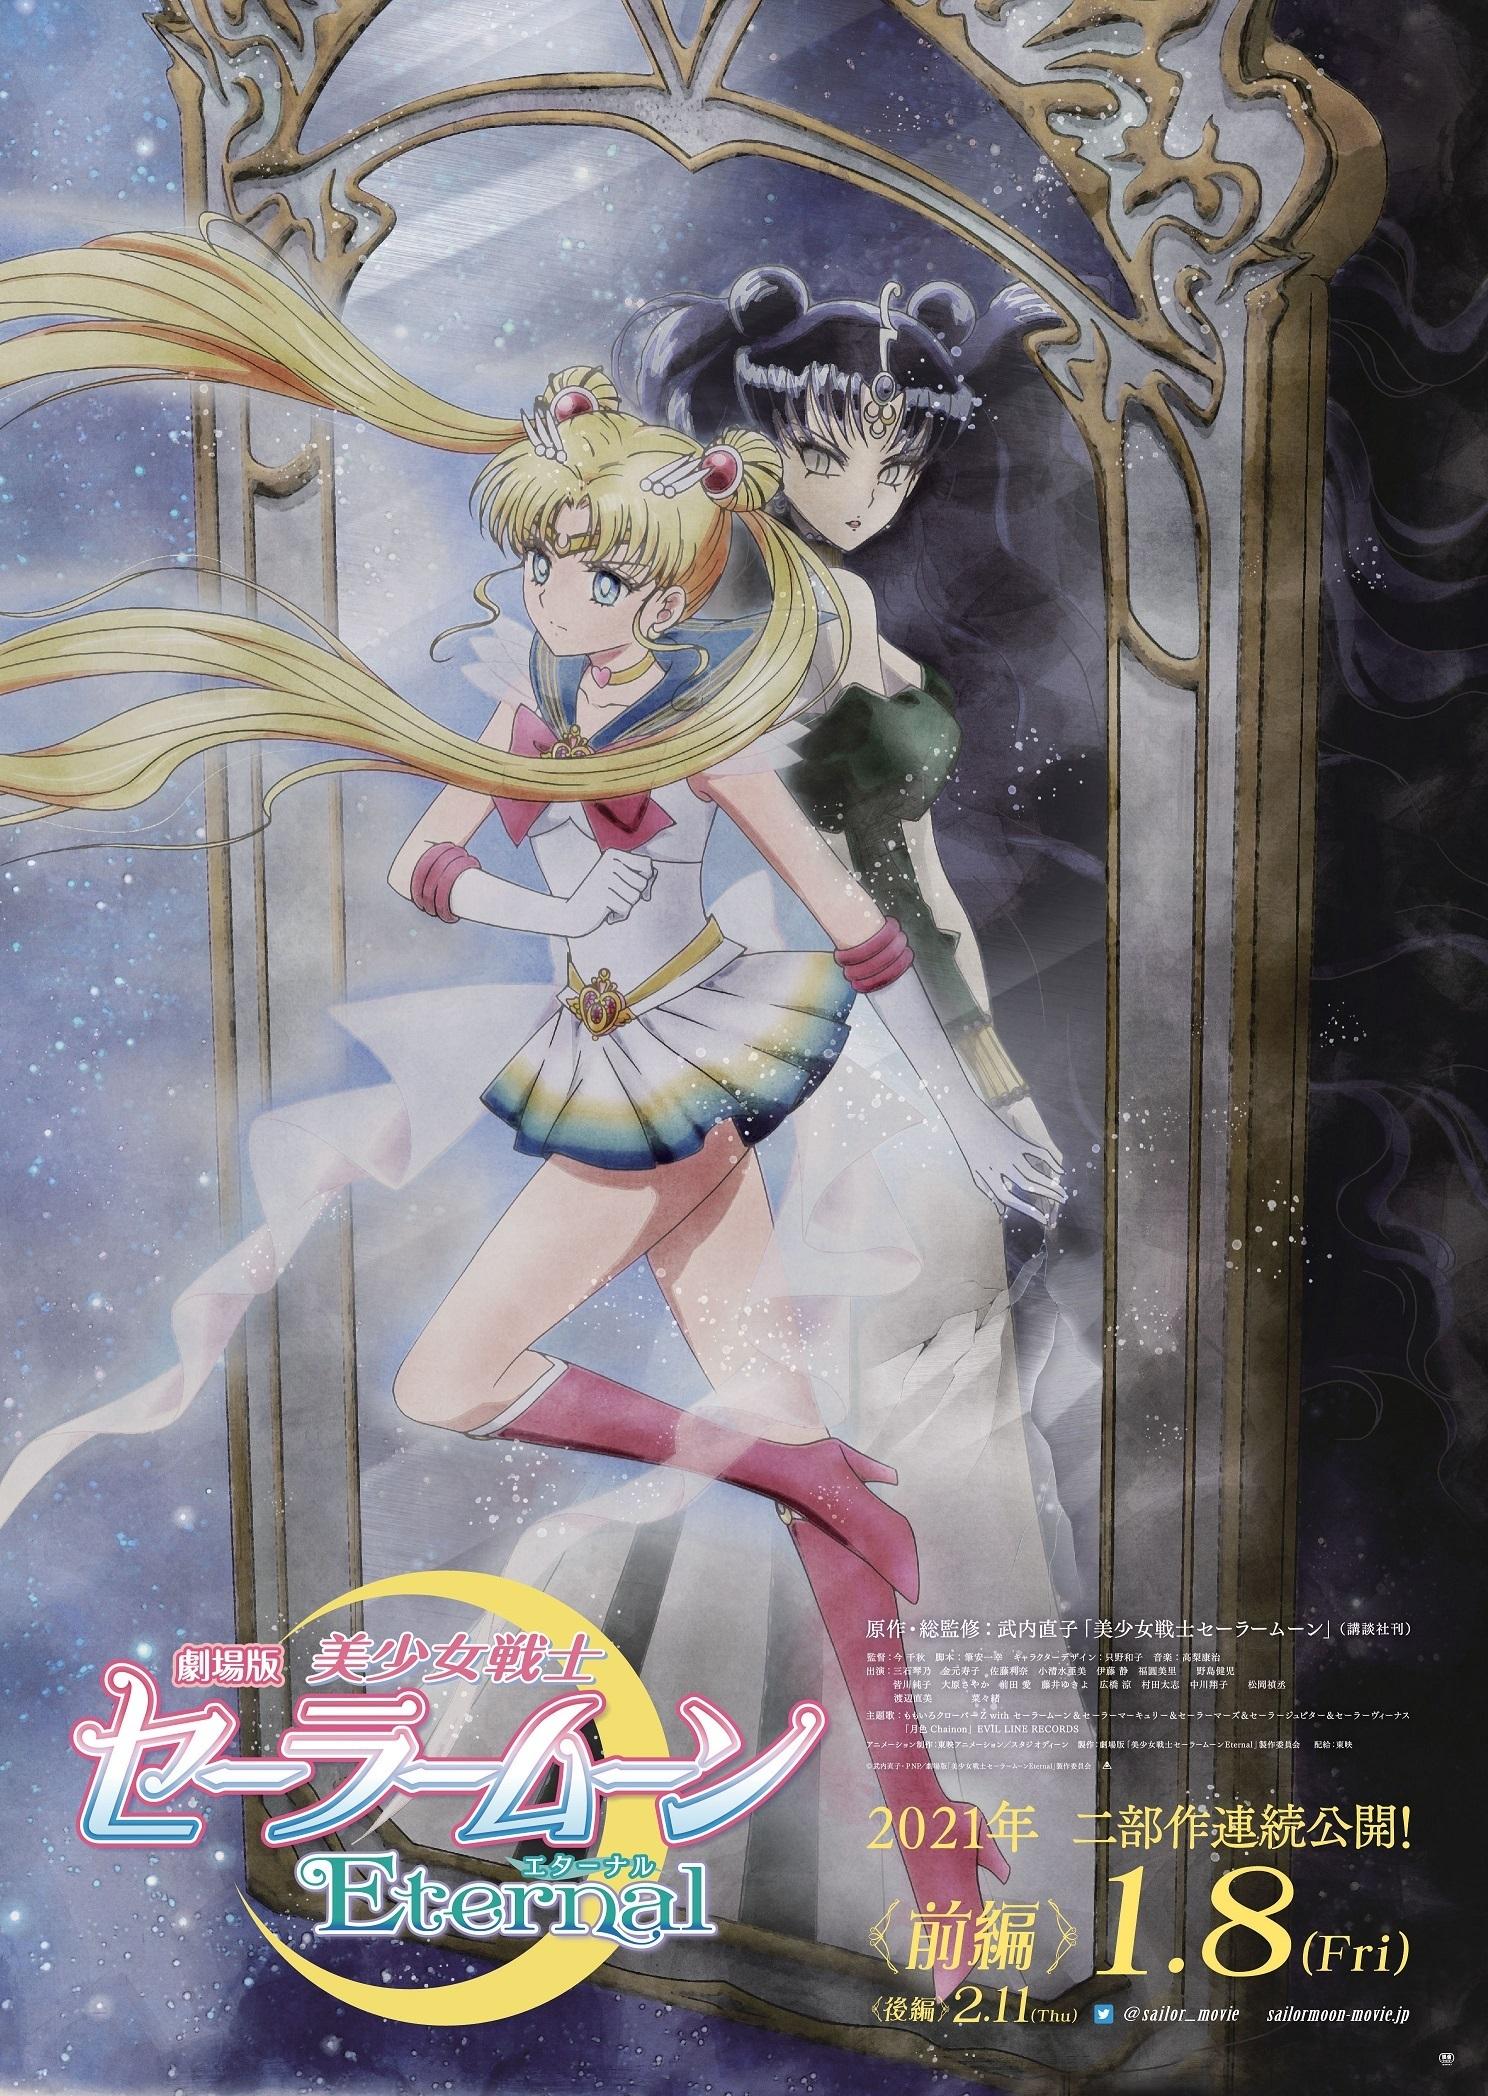 【动漫情报】剧场版《美少女战士Eternal 前篇》 新视觉图公开